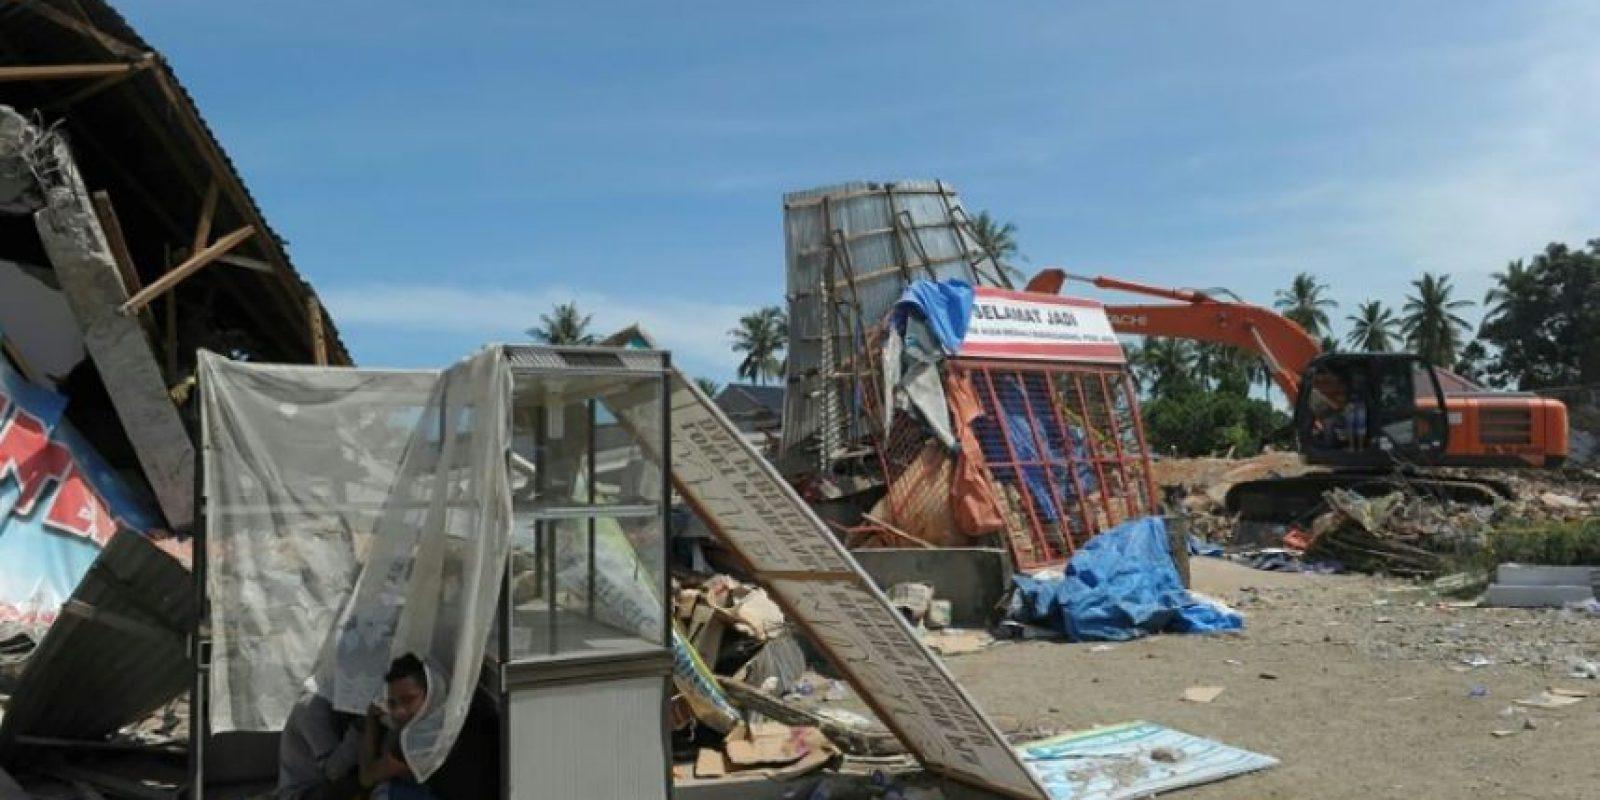 Unos jóvenes damnificados por el terremoto se ponen a cubierto por el calor entre los restos de dos tiendas en Pidie Jaya, en la provincia indonesia de Aceh, el 7 de diciembre de 2016 Foto:Chaideer Mahyuddin/afp.com